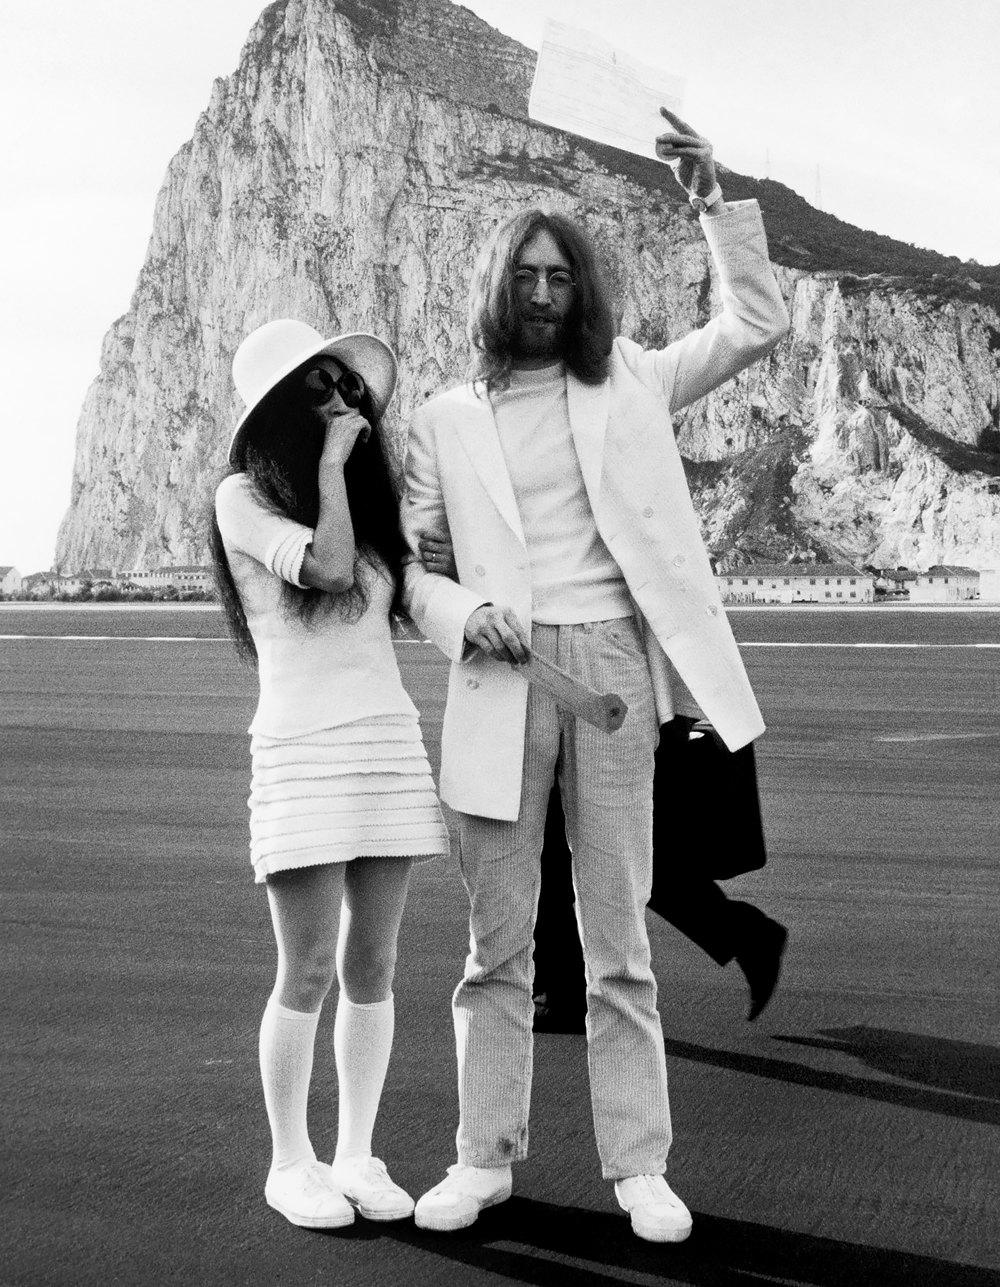 Йоко Оно иДжон Леннон со свидетельством обраке нафоне Гибралтарской скалы, март 1969